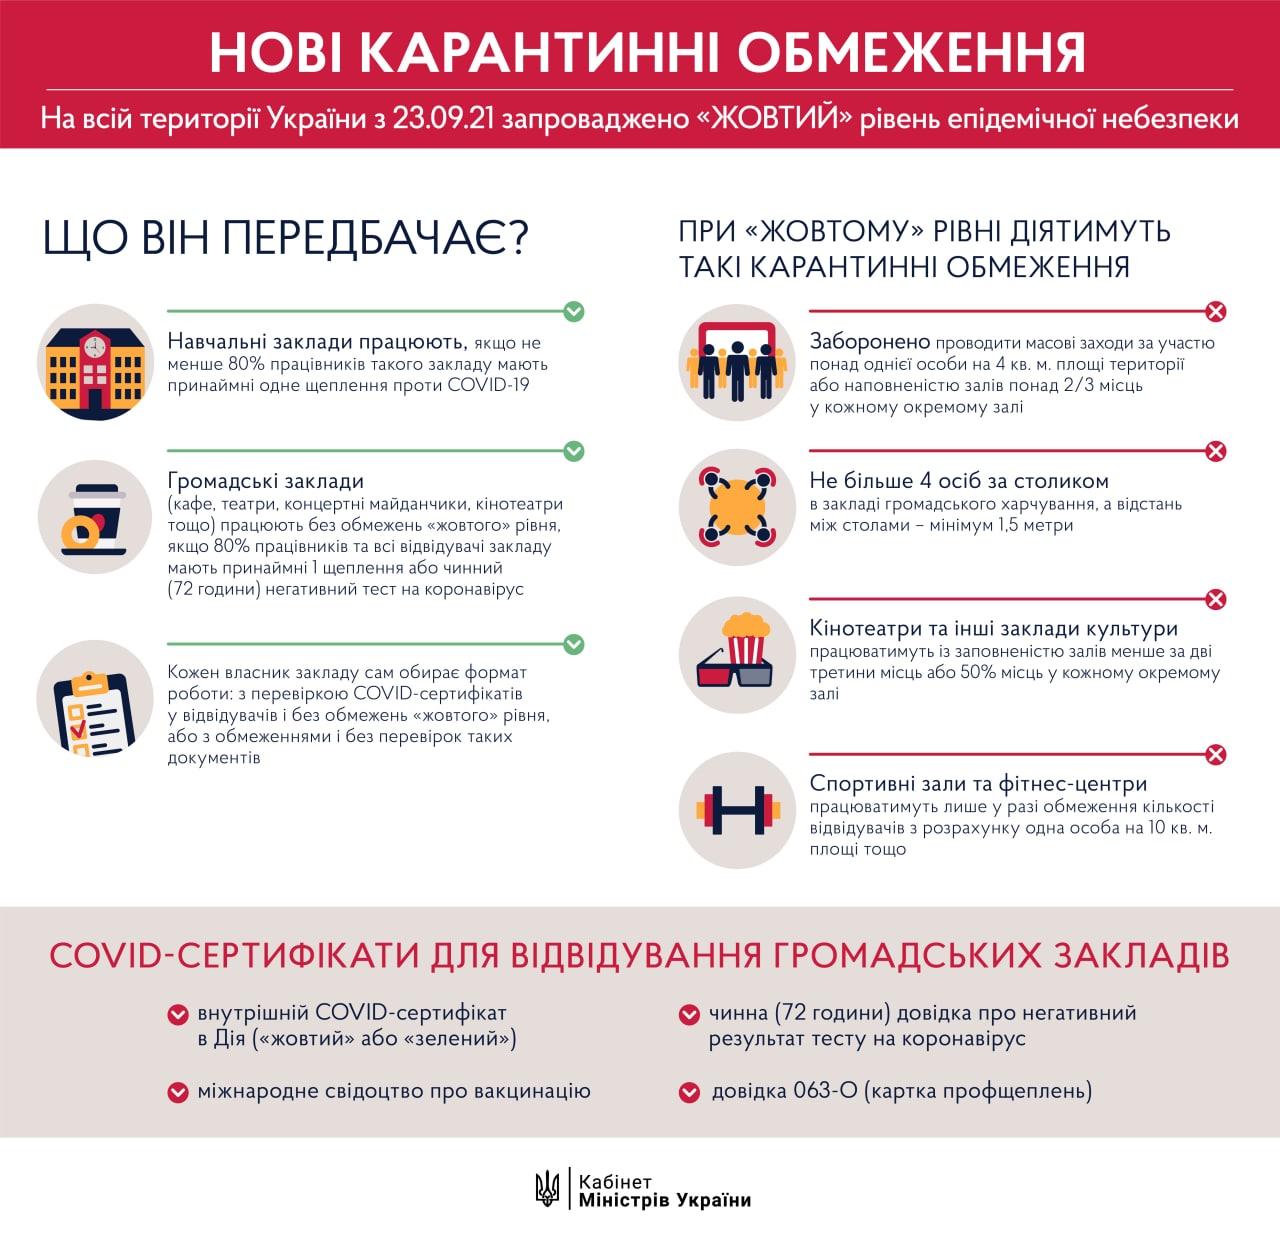 """Україна перейшла до """"жовтої"""" зони карантину: список обмежень"""